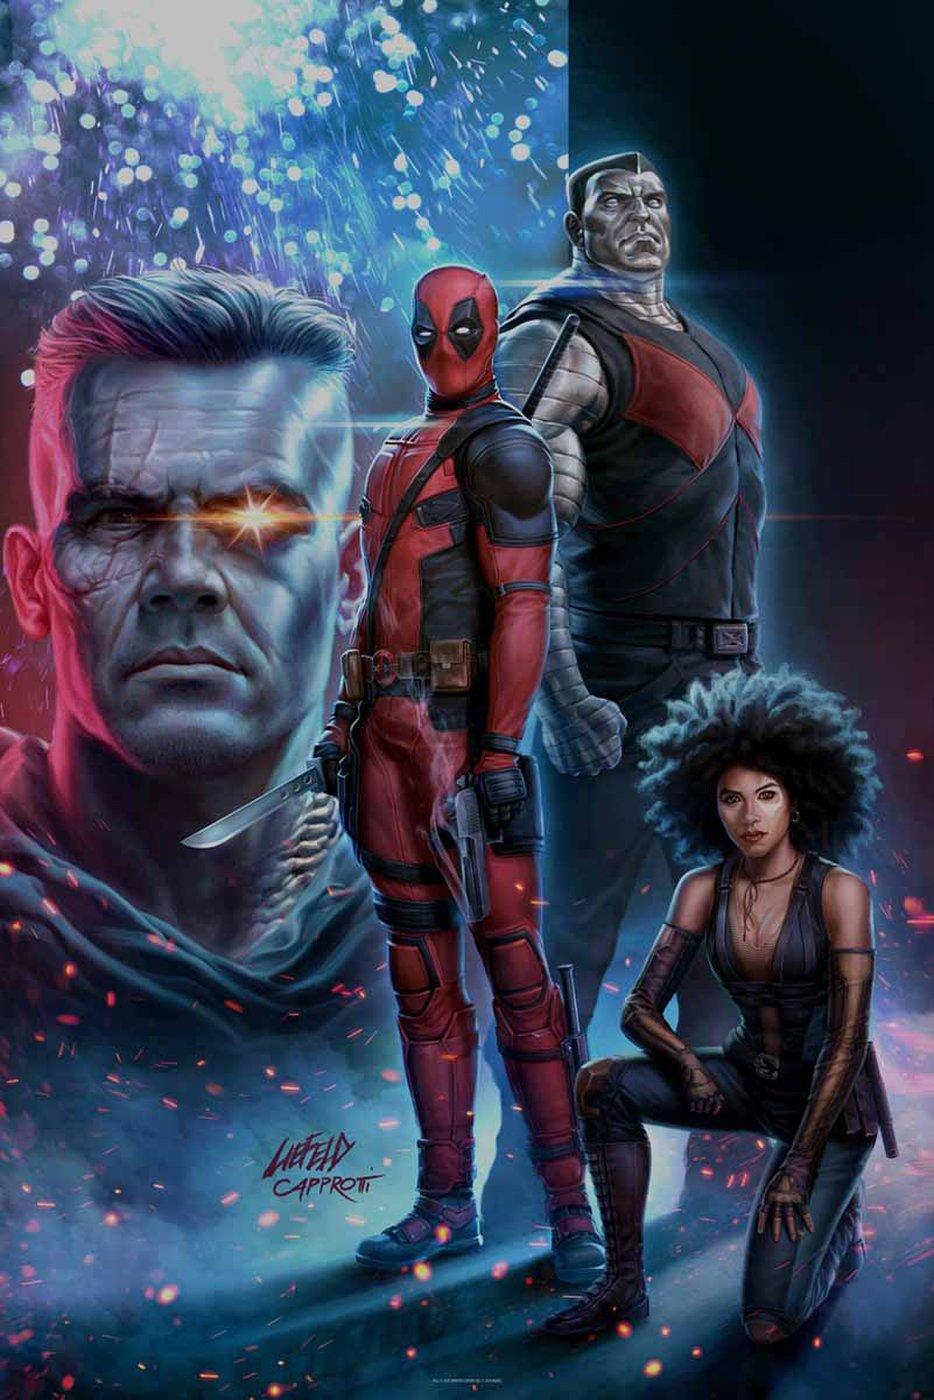 Rob Liefeld recrea una portada de cómic clásica con el póster de Deadpool 2